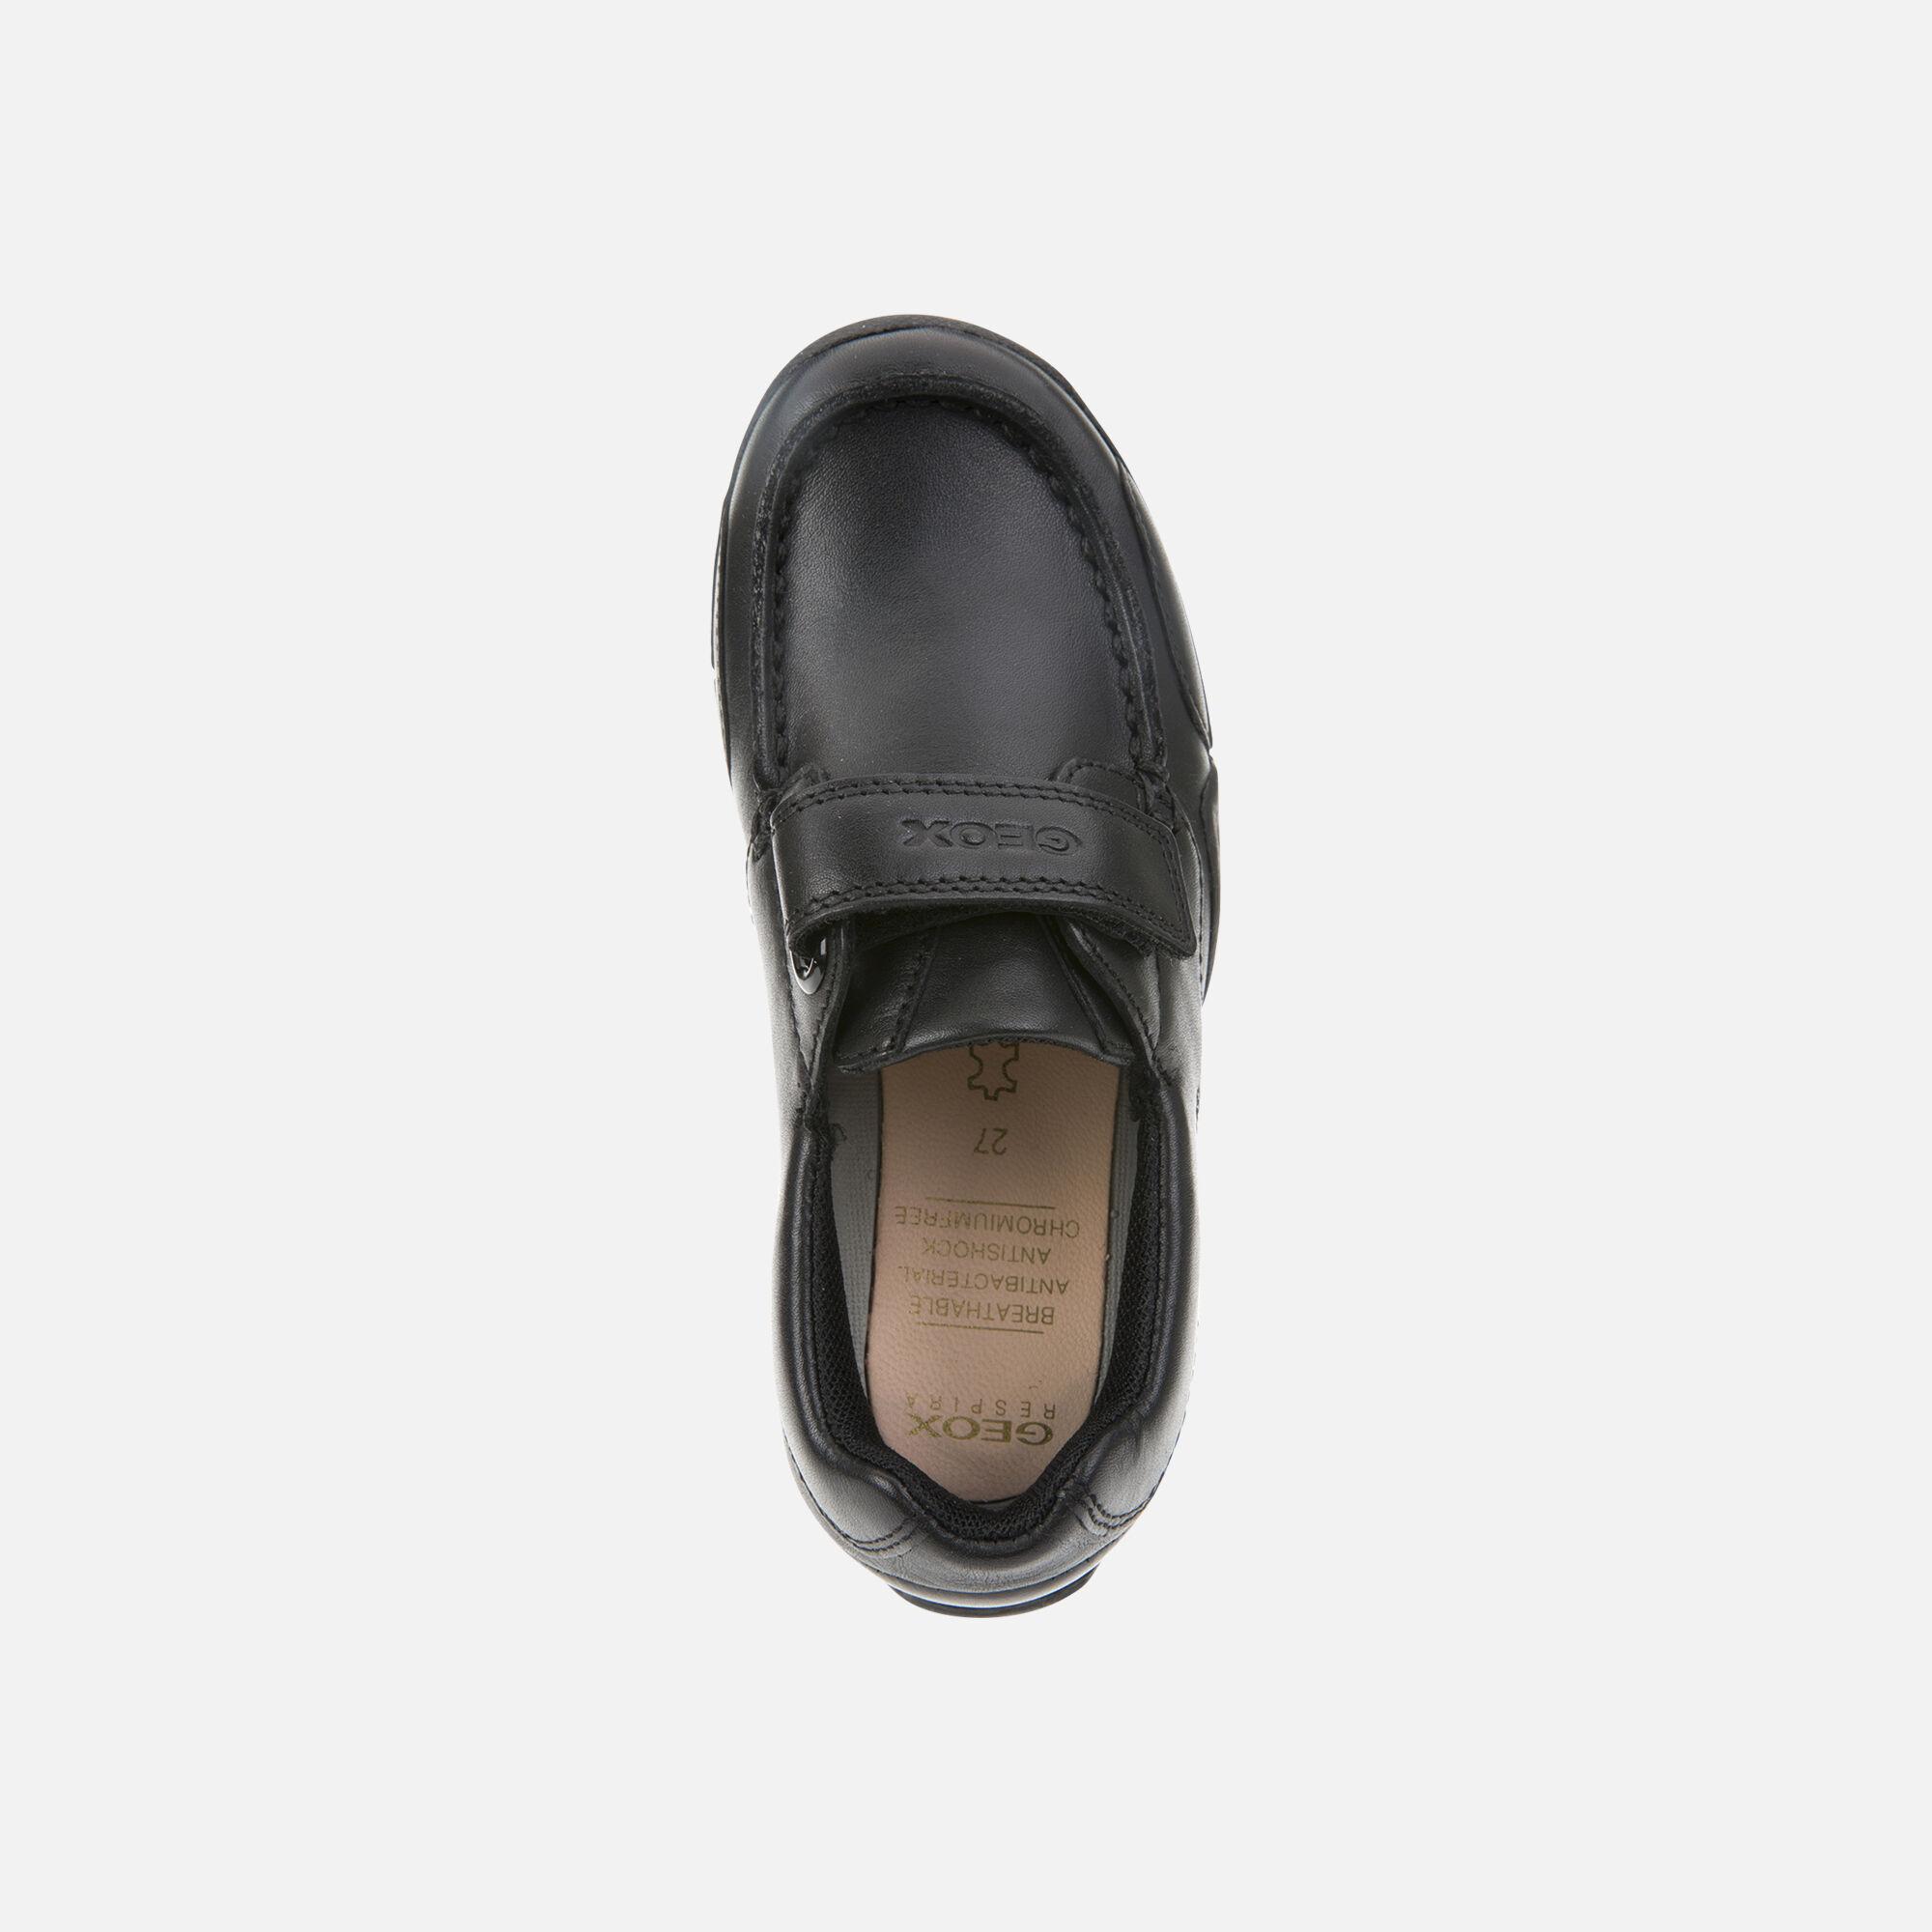 Shoes for School Boys, Uniform Shoes   Geox